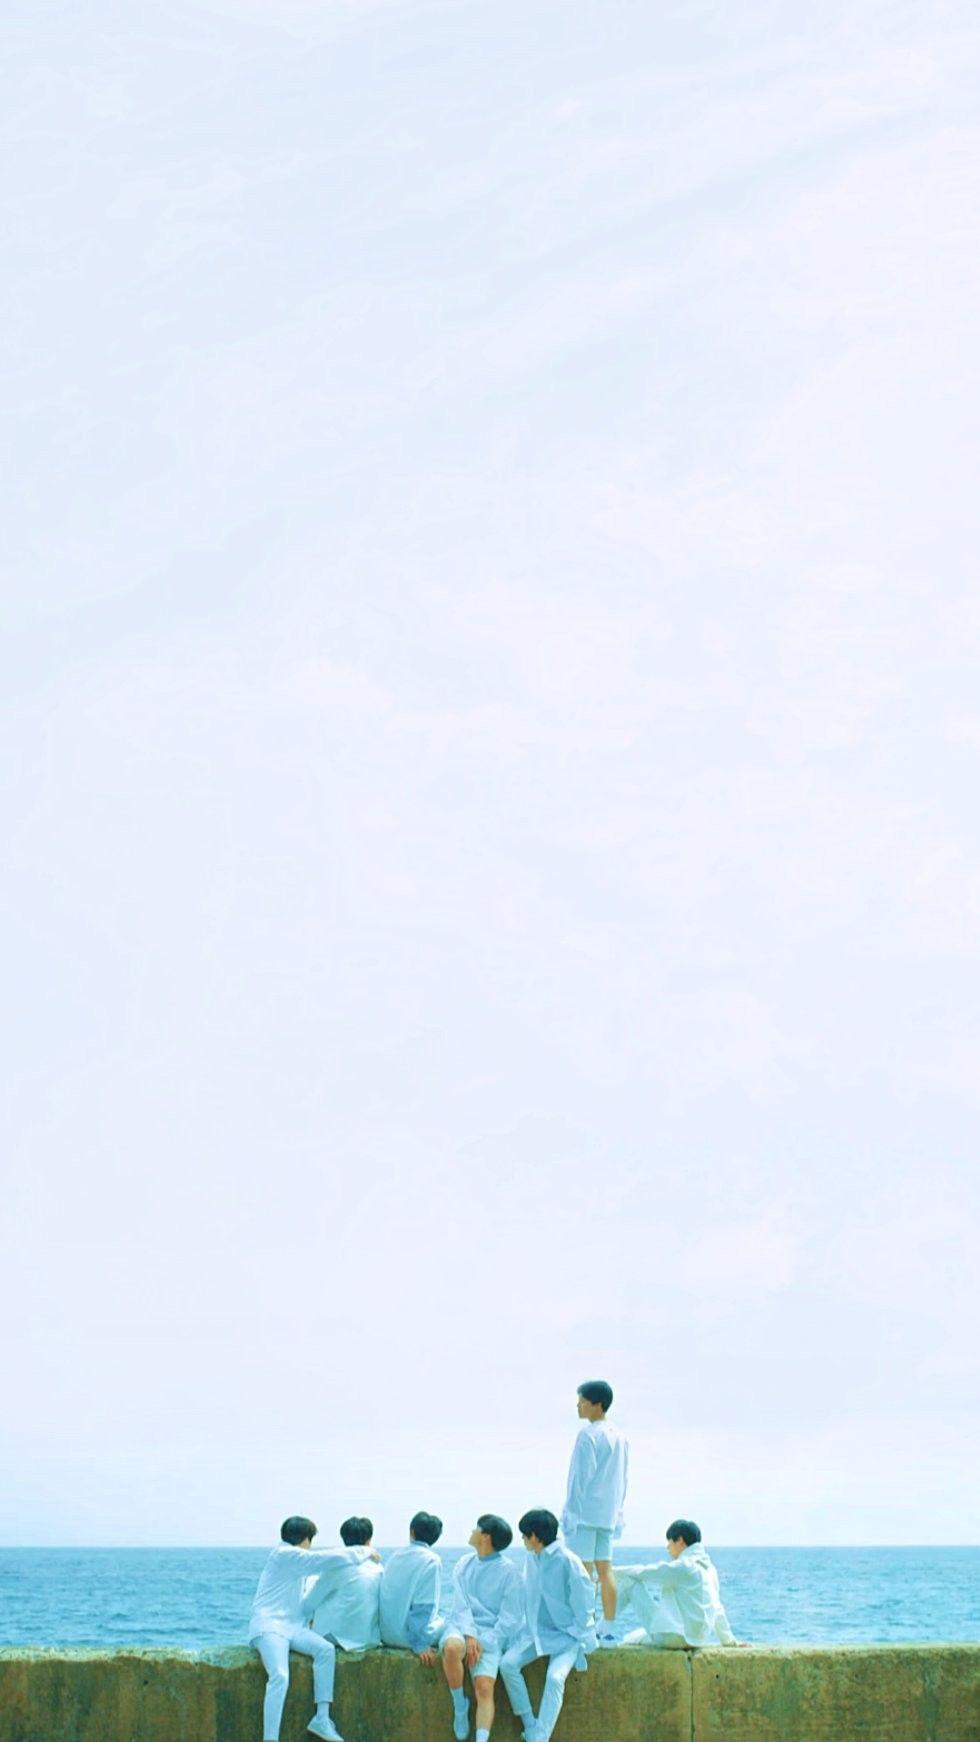 Bts Euphoria Wallpaper Lockscreen Hintergrund Besuchen